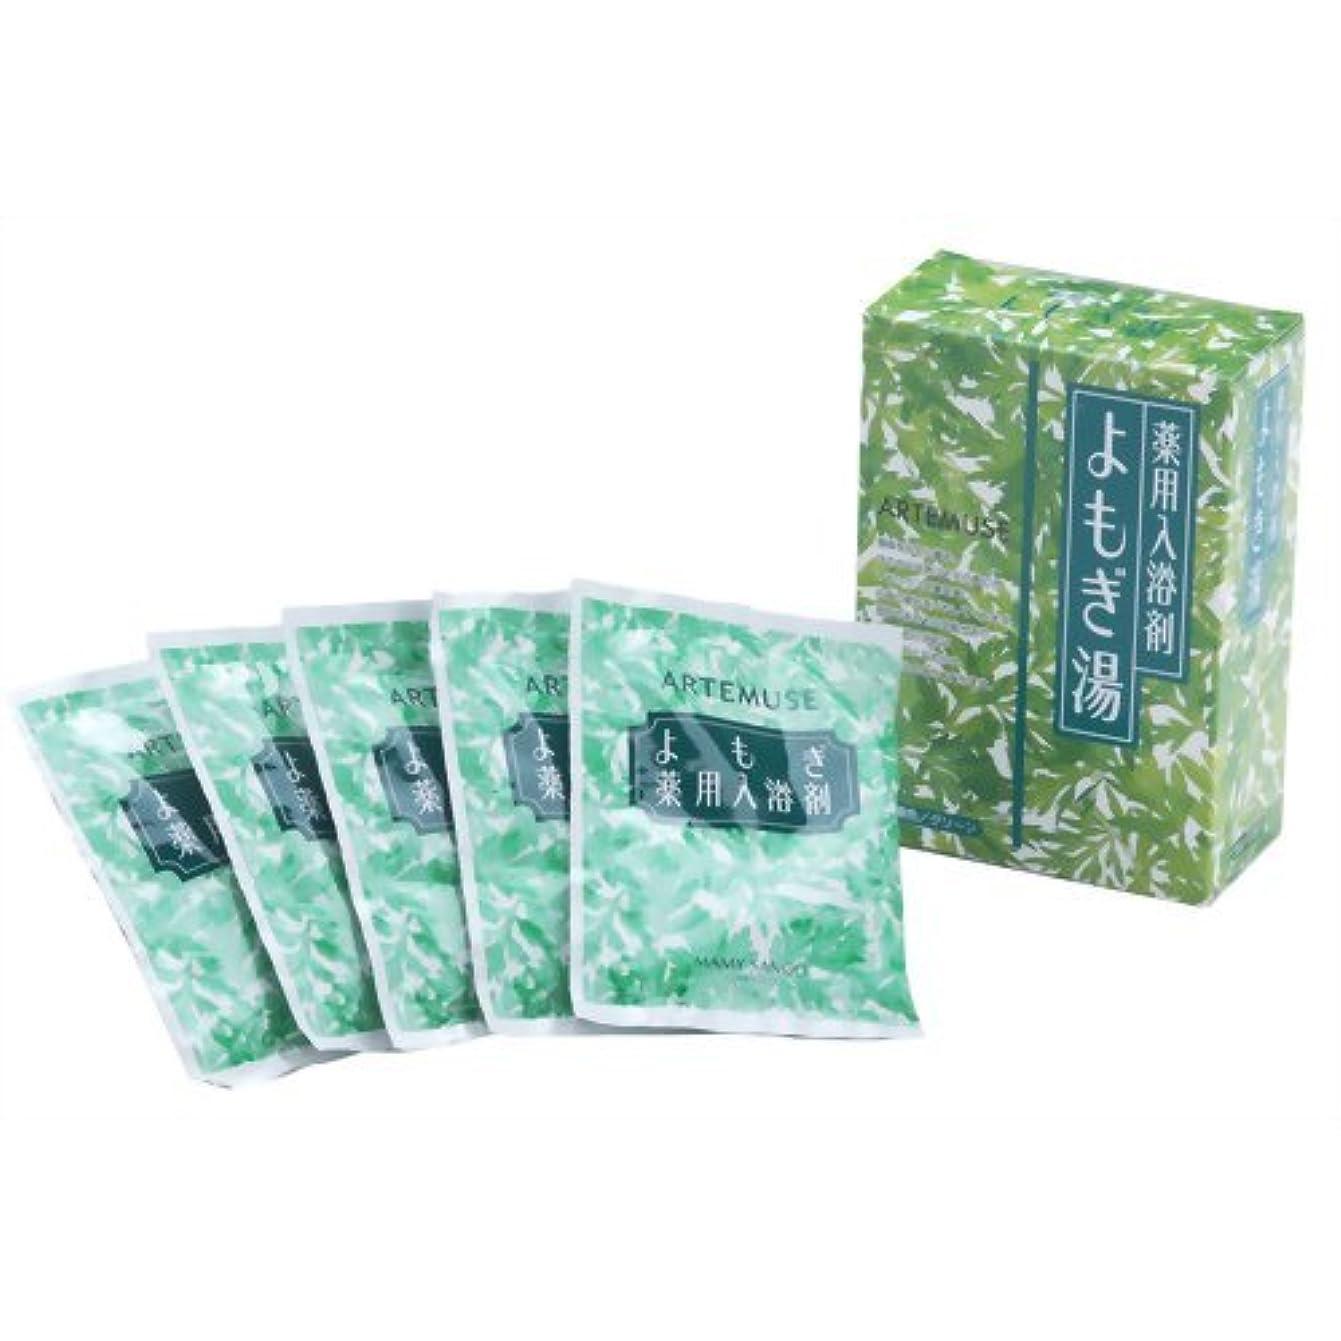 手を差し伸べる市場病気の三興物産 よもぎ薬用シリーズ よもぎ薬用入浴剤 (分包) 30g×5包入